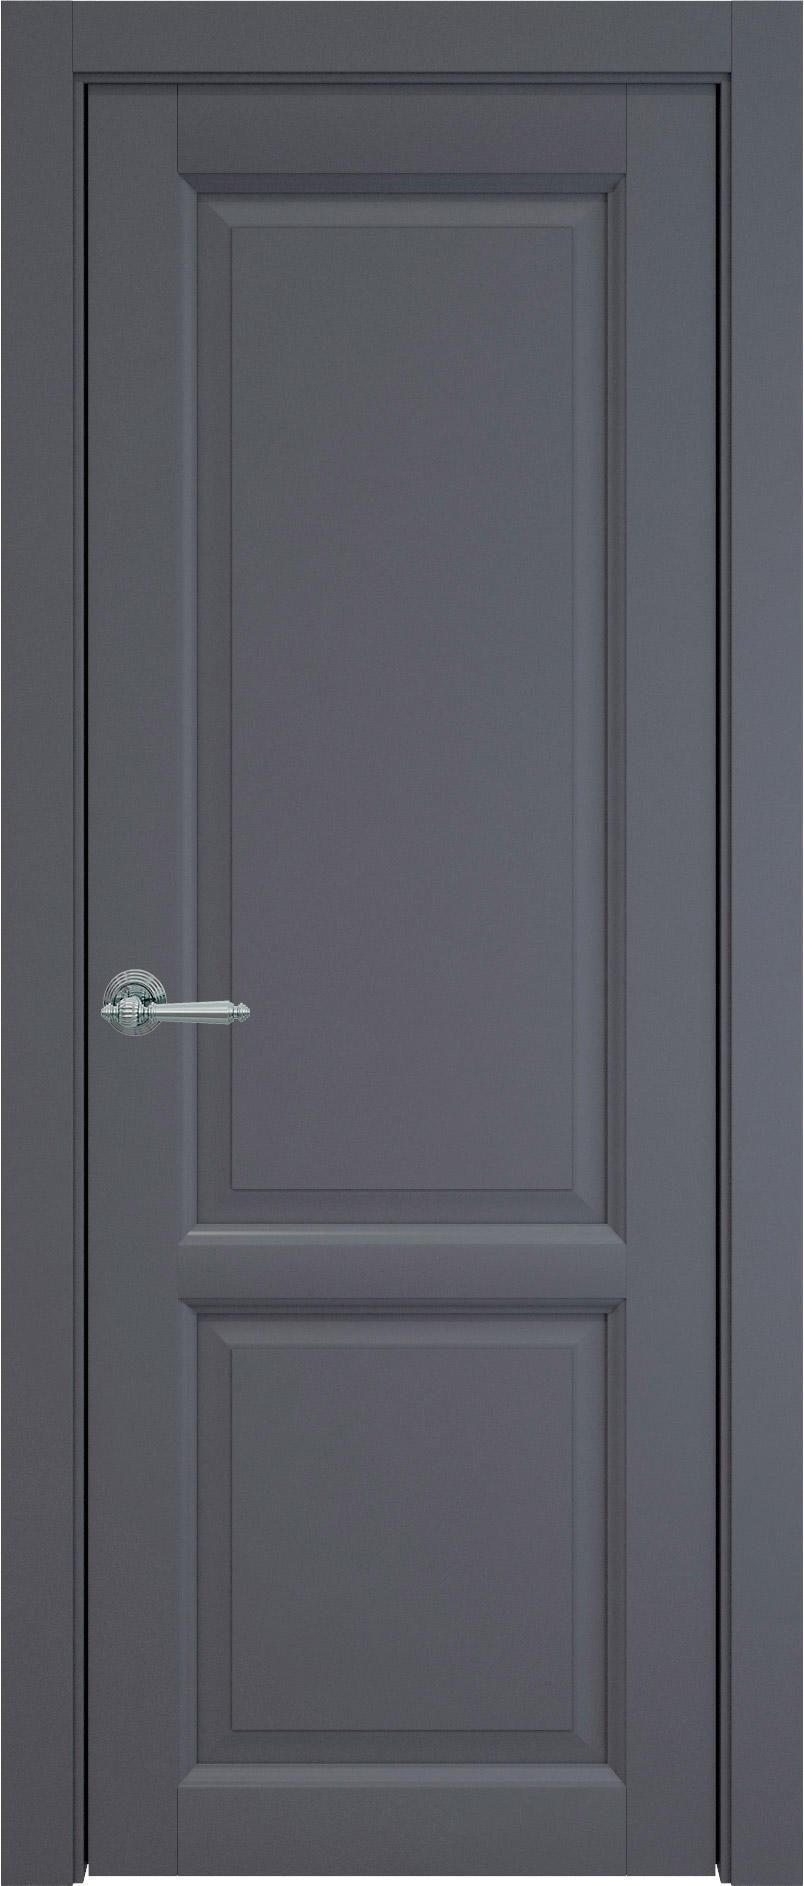 Dinastia цвет - Графитово-серая эмаль (RAL 7024) Без стекла (ДГ)